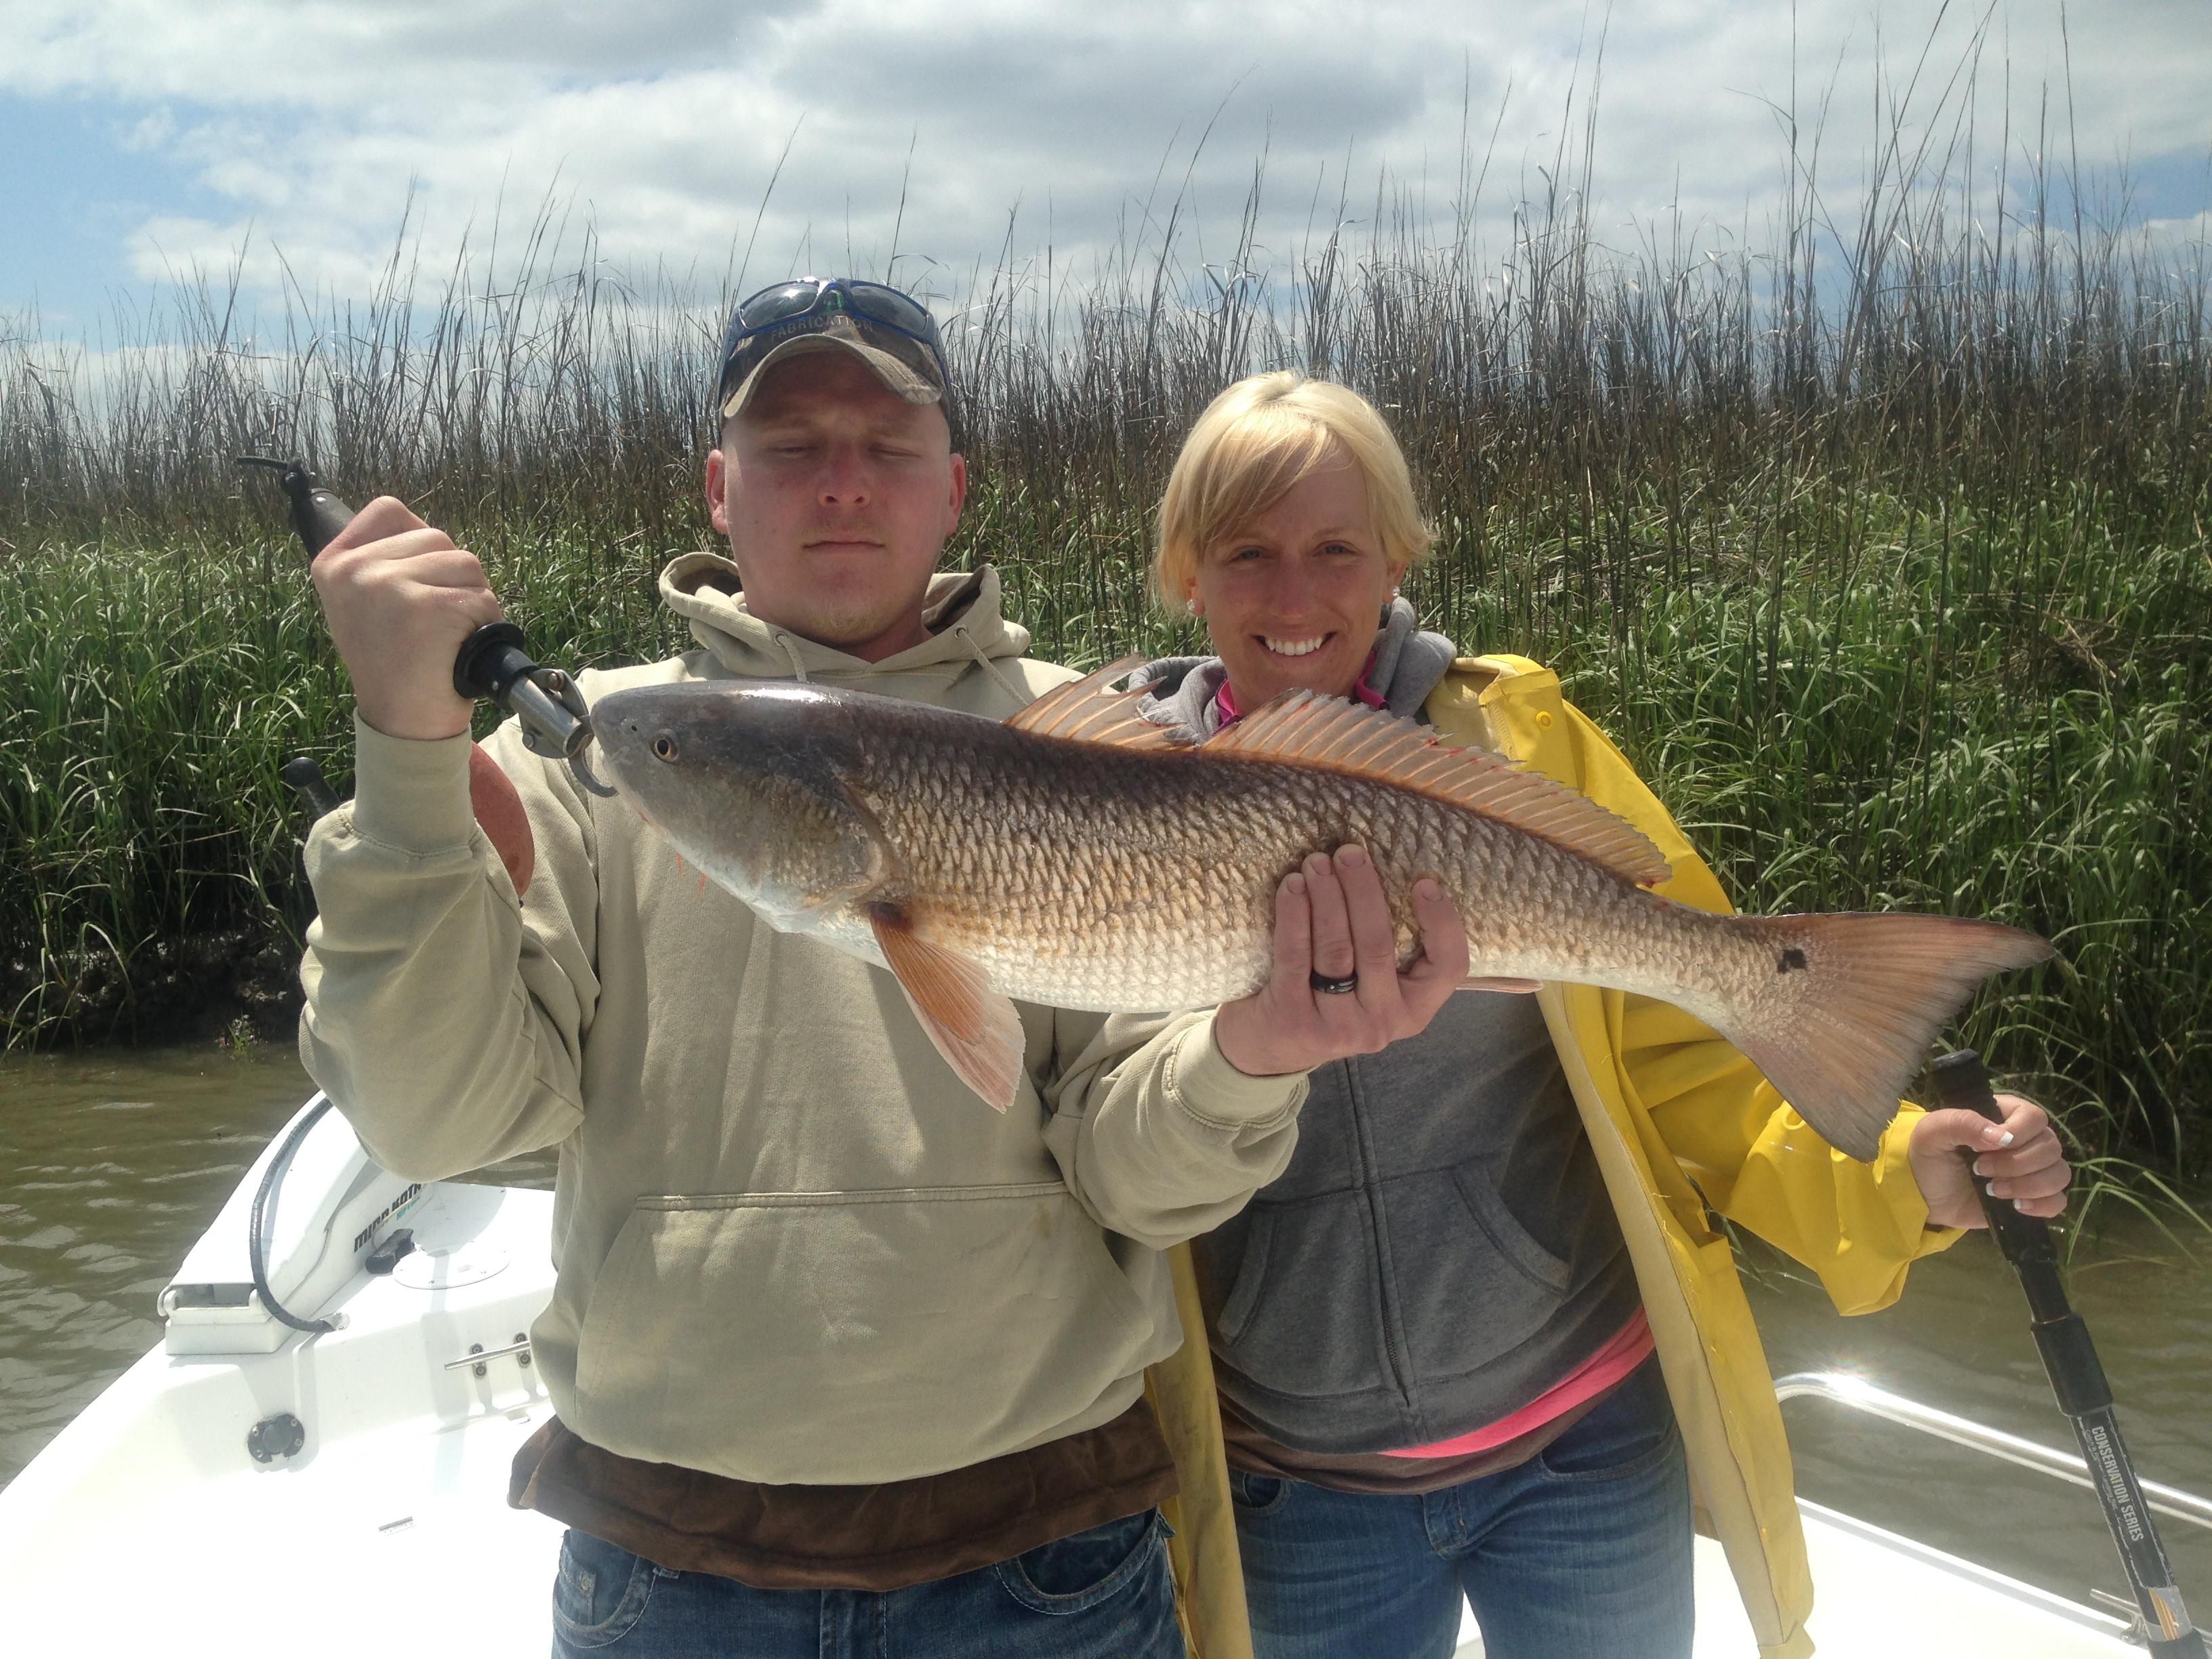 Josh & Kristin Ledford with a large redfish!